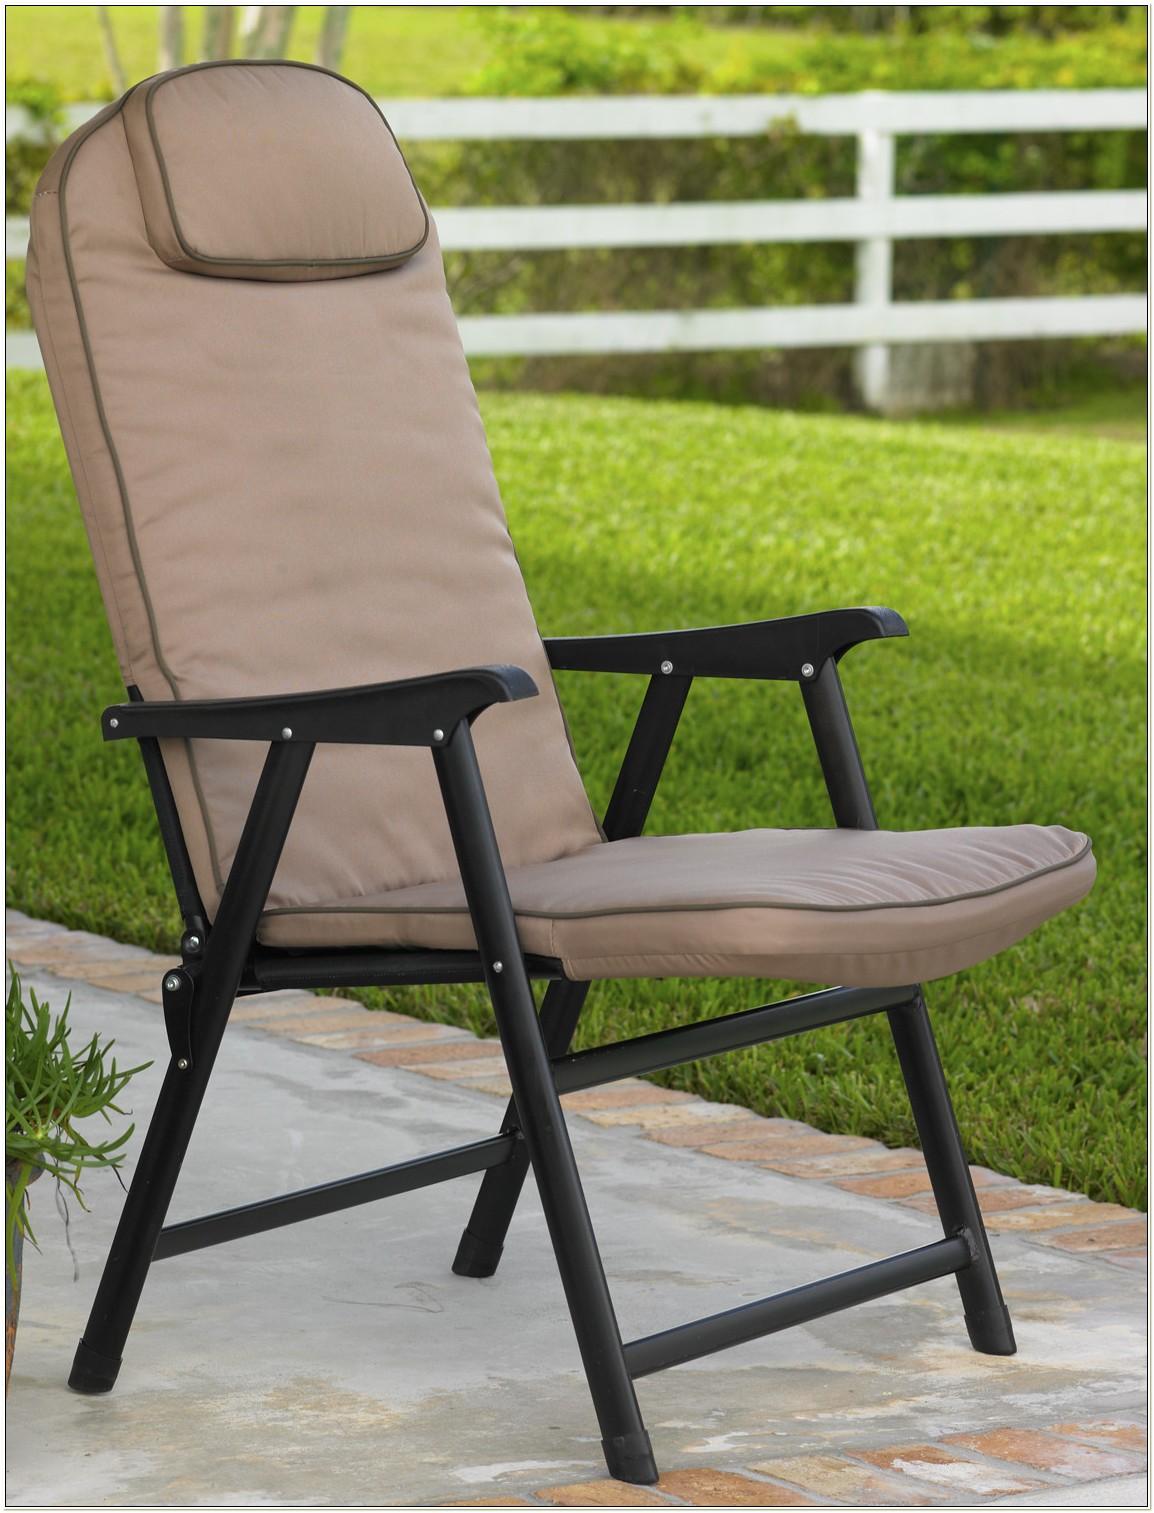 Heavy Duty Folding Lawn Chairs